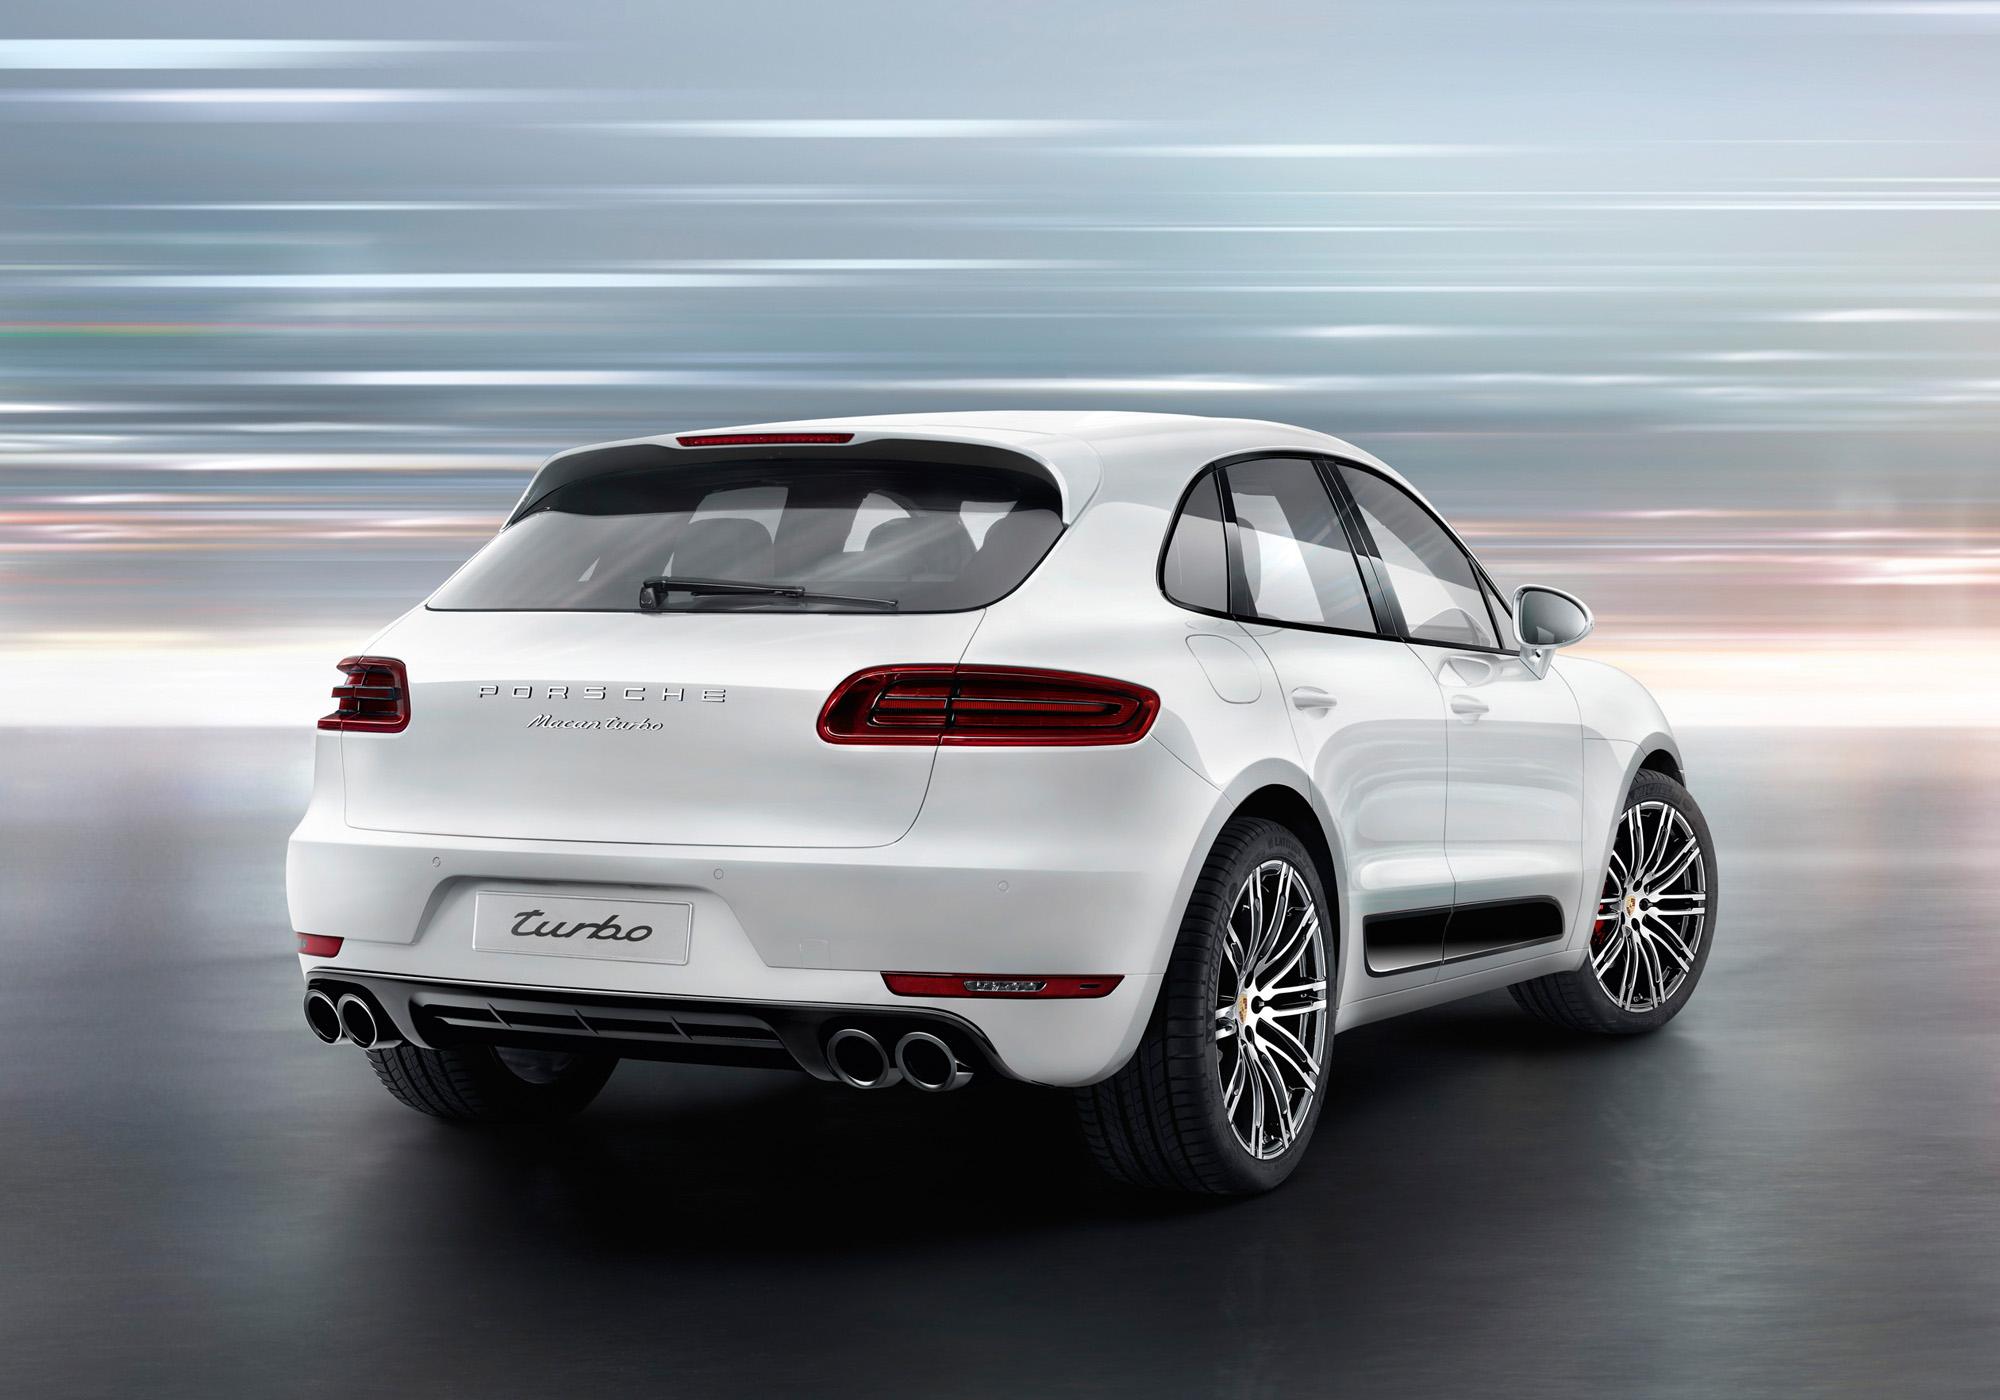 Teurer Fahrspaß im Porsche Macan GTS